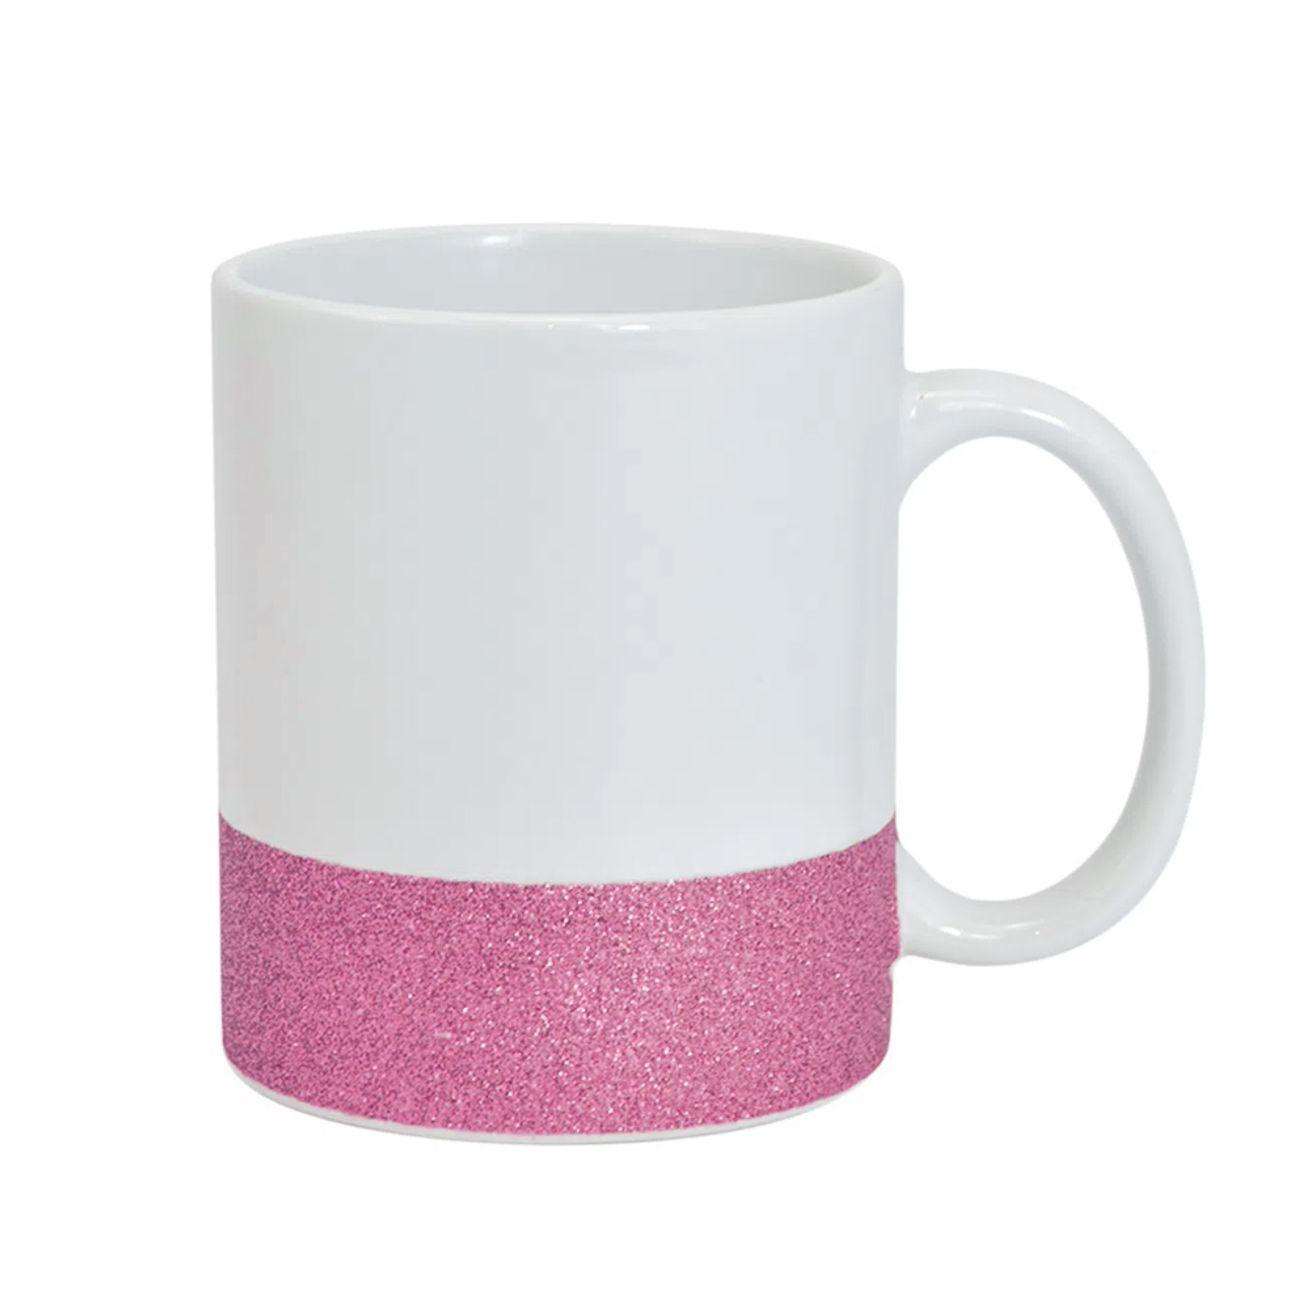 Caneca cerâmica branca BASE GLITTER ROSA  - PREMIUM LIVE 325ML